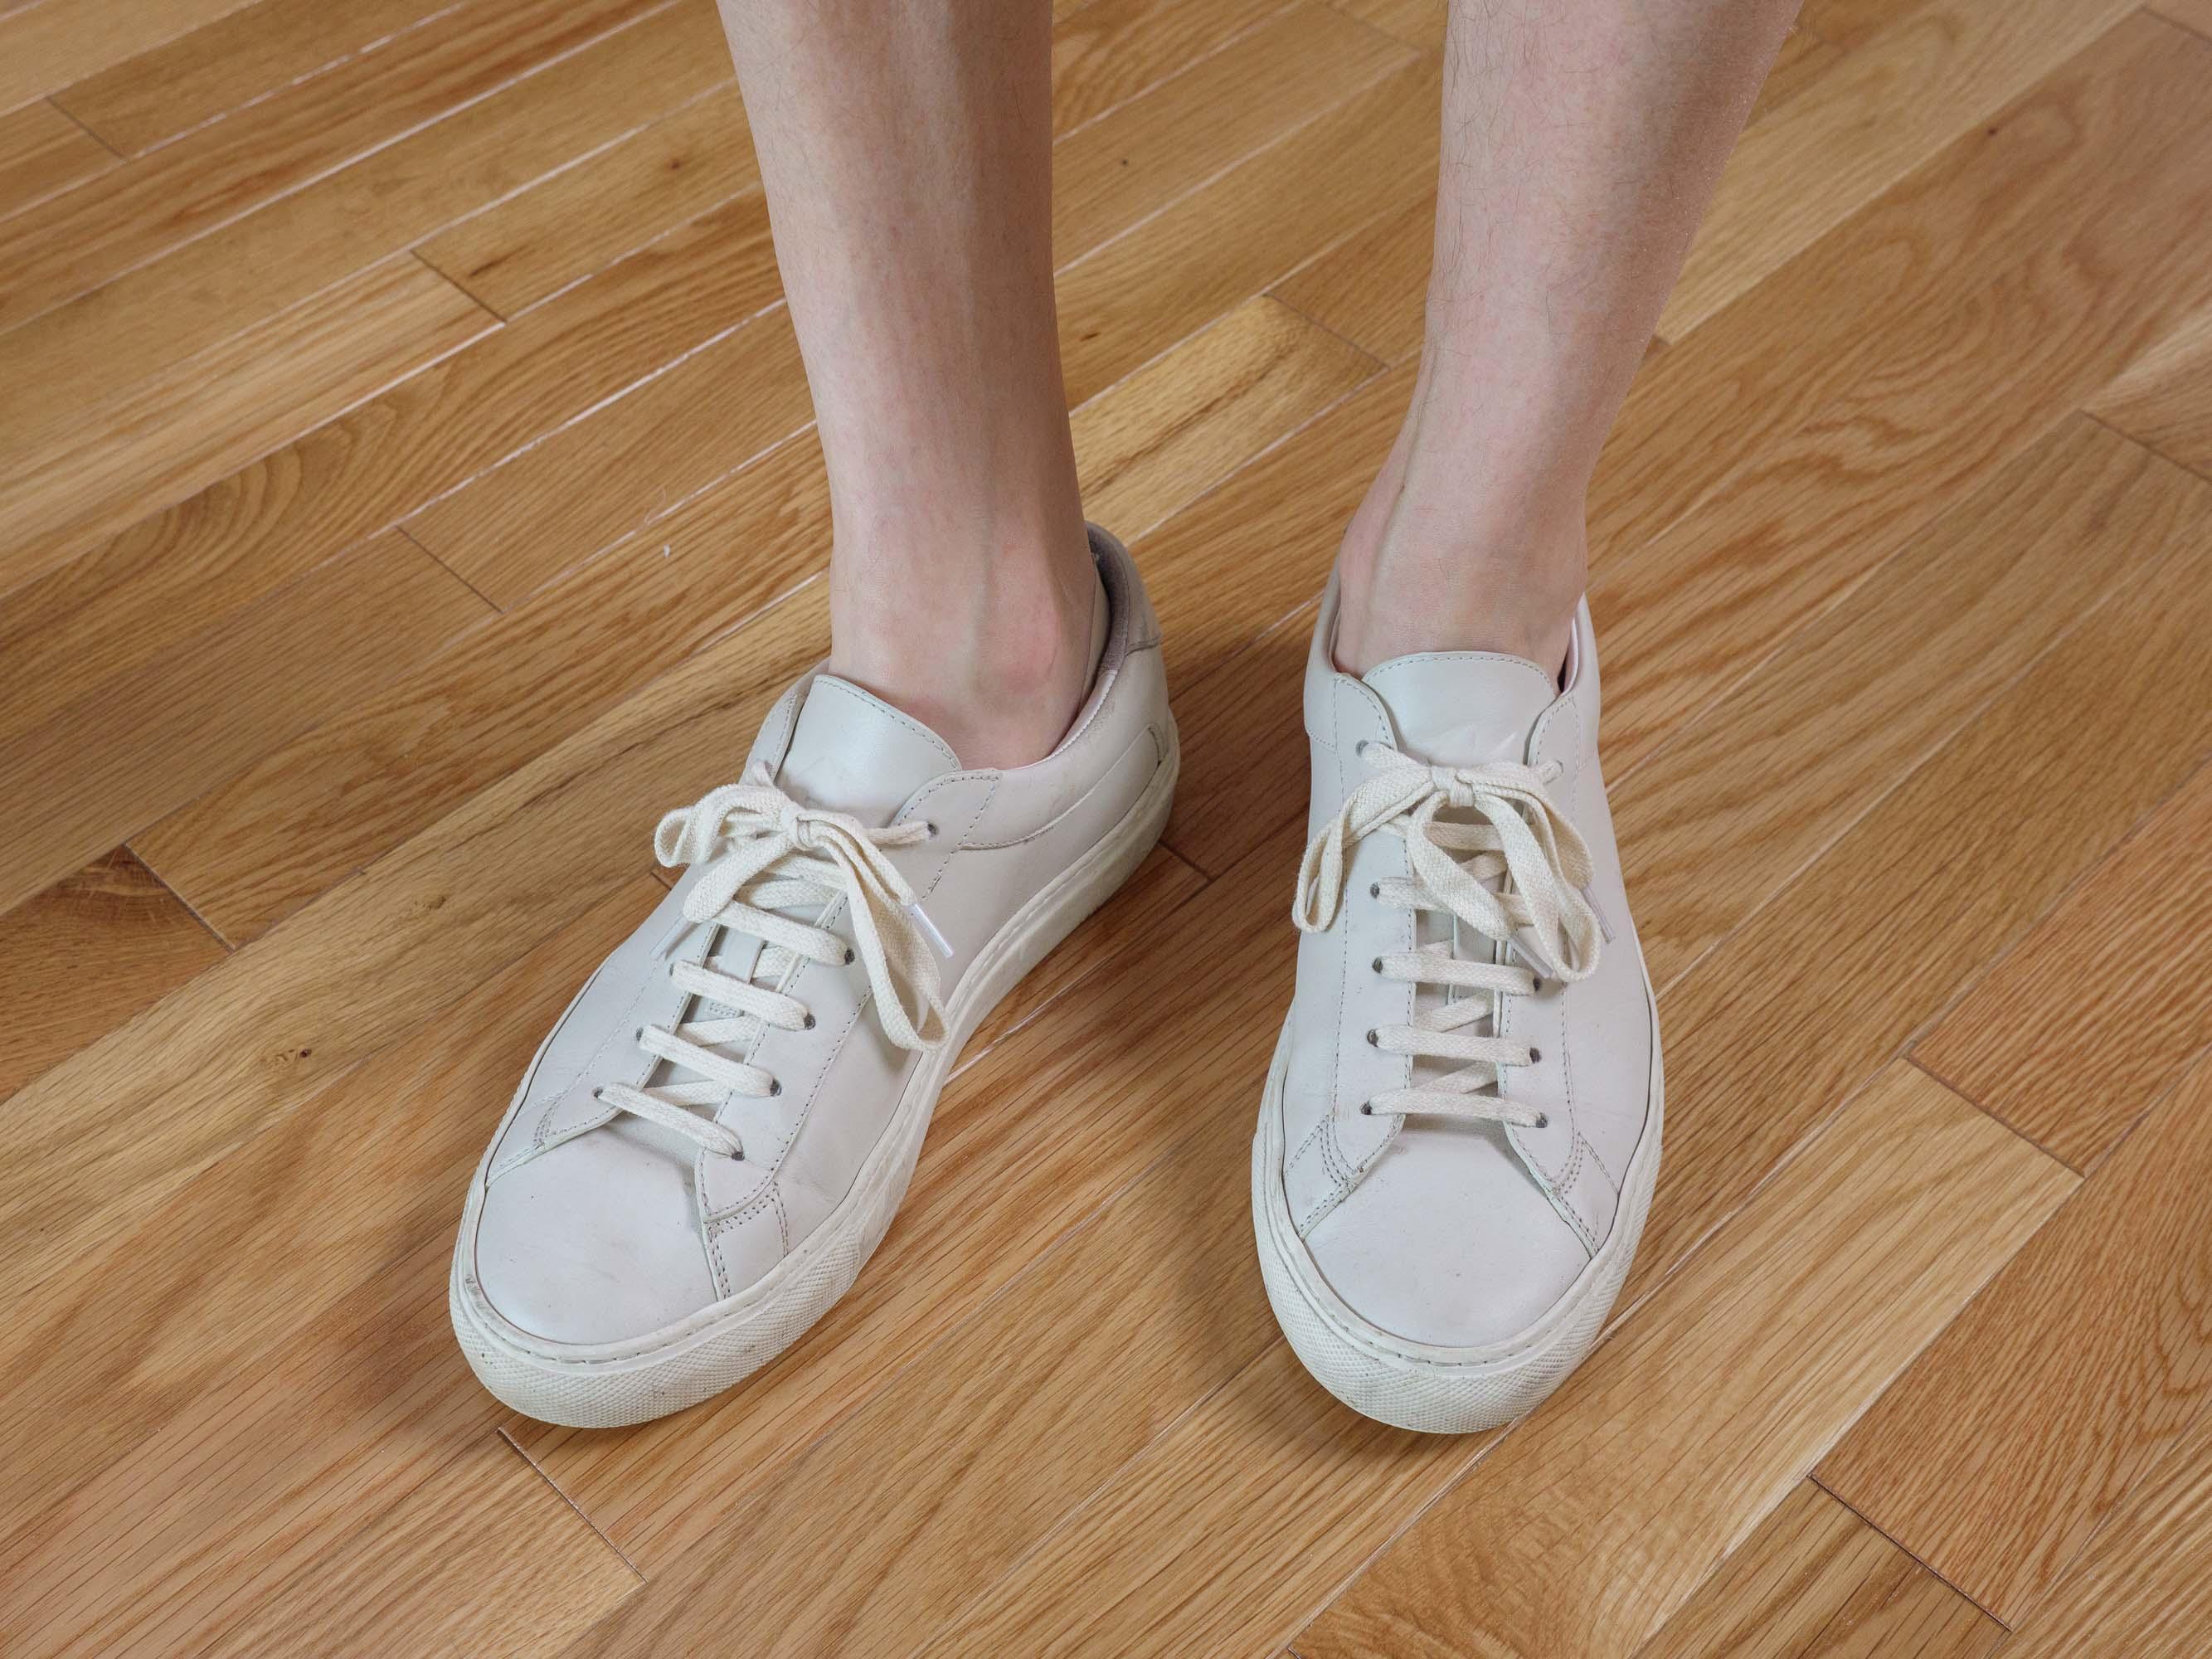 Sheec Secret 2 low sneakers